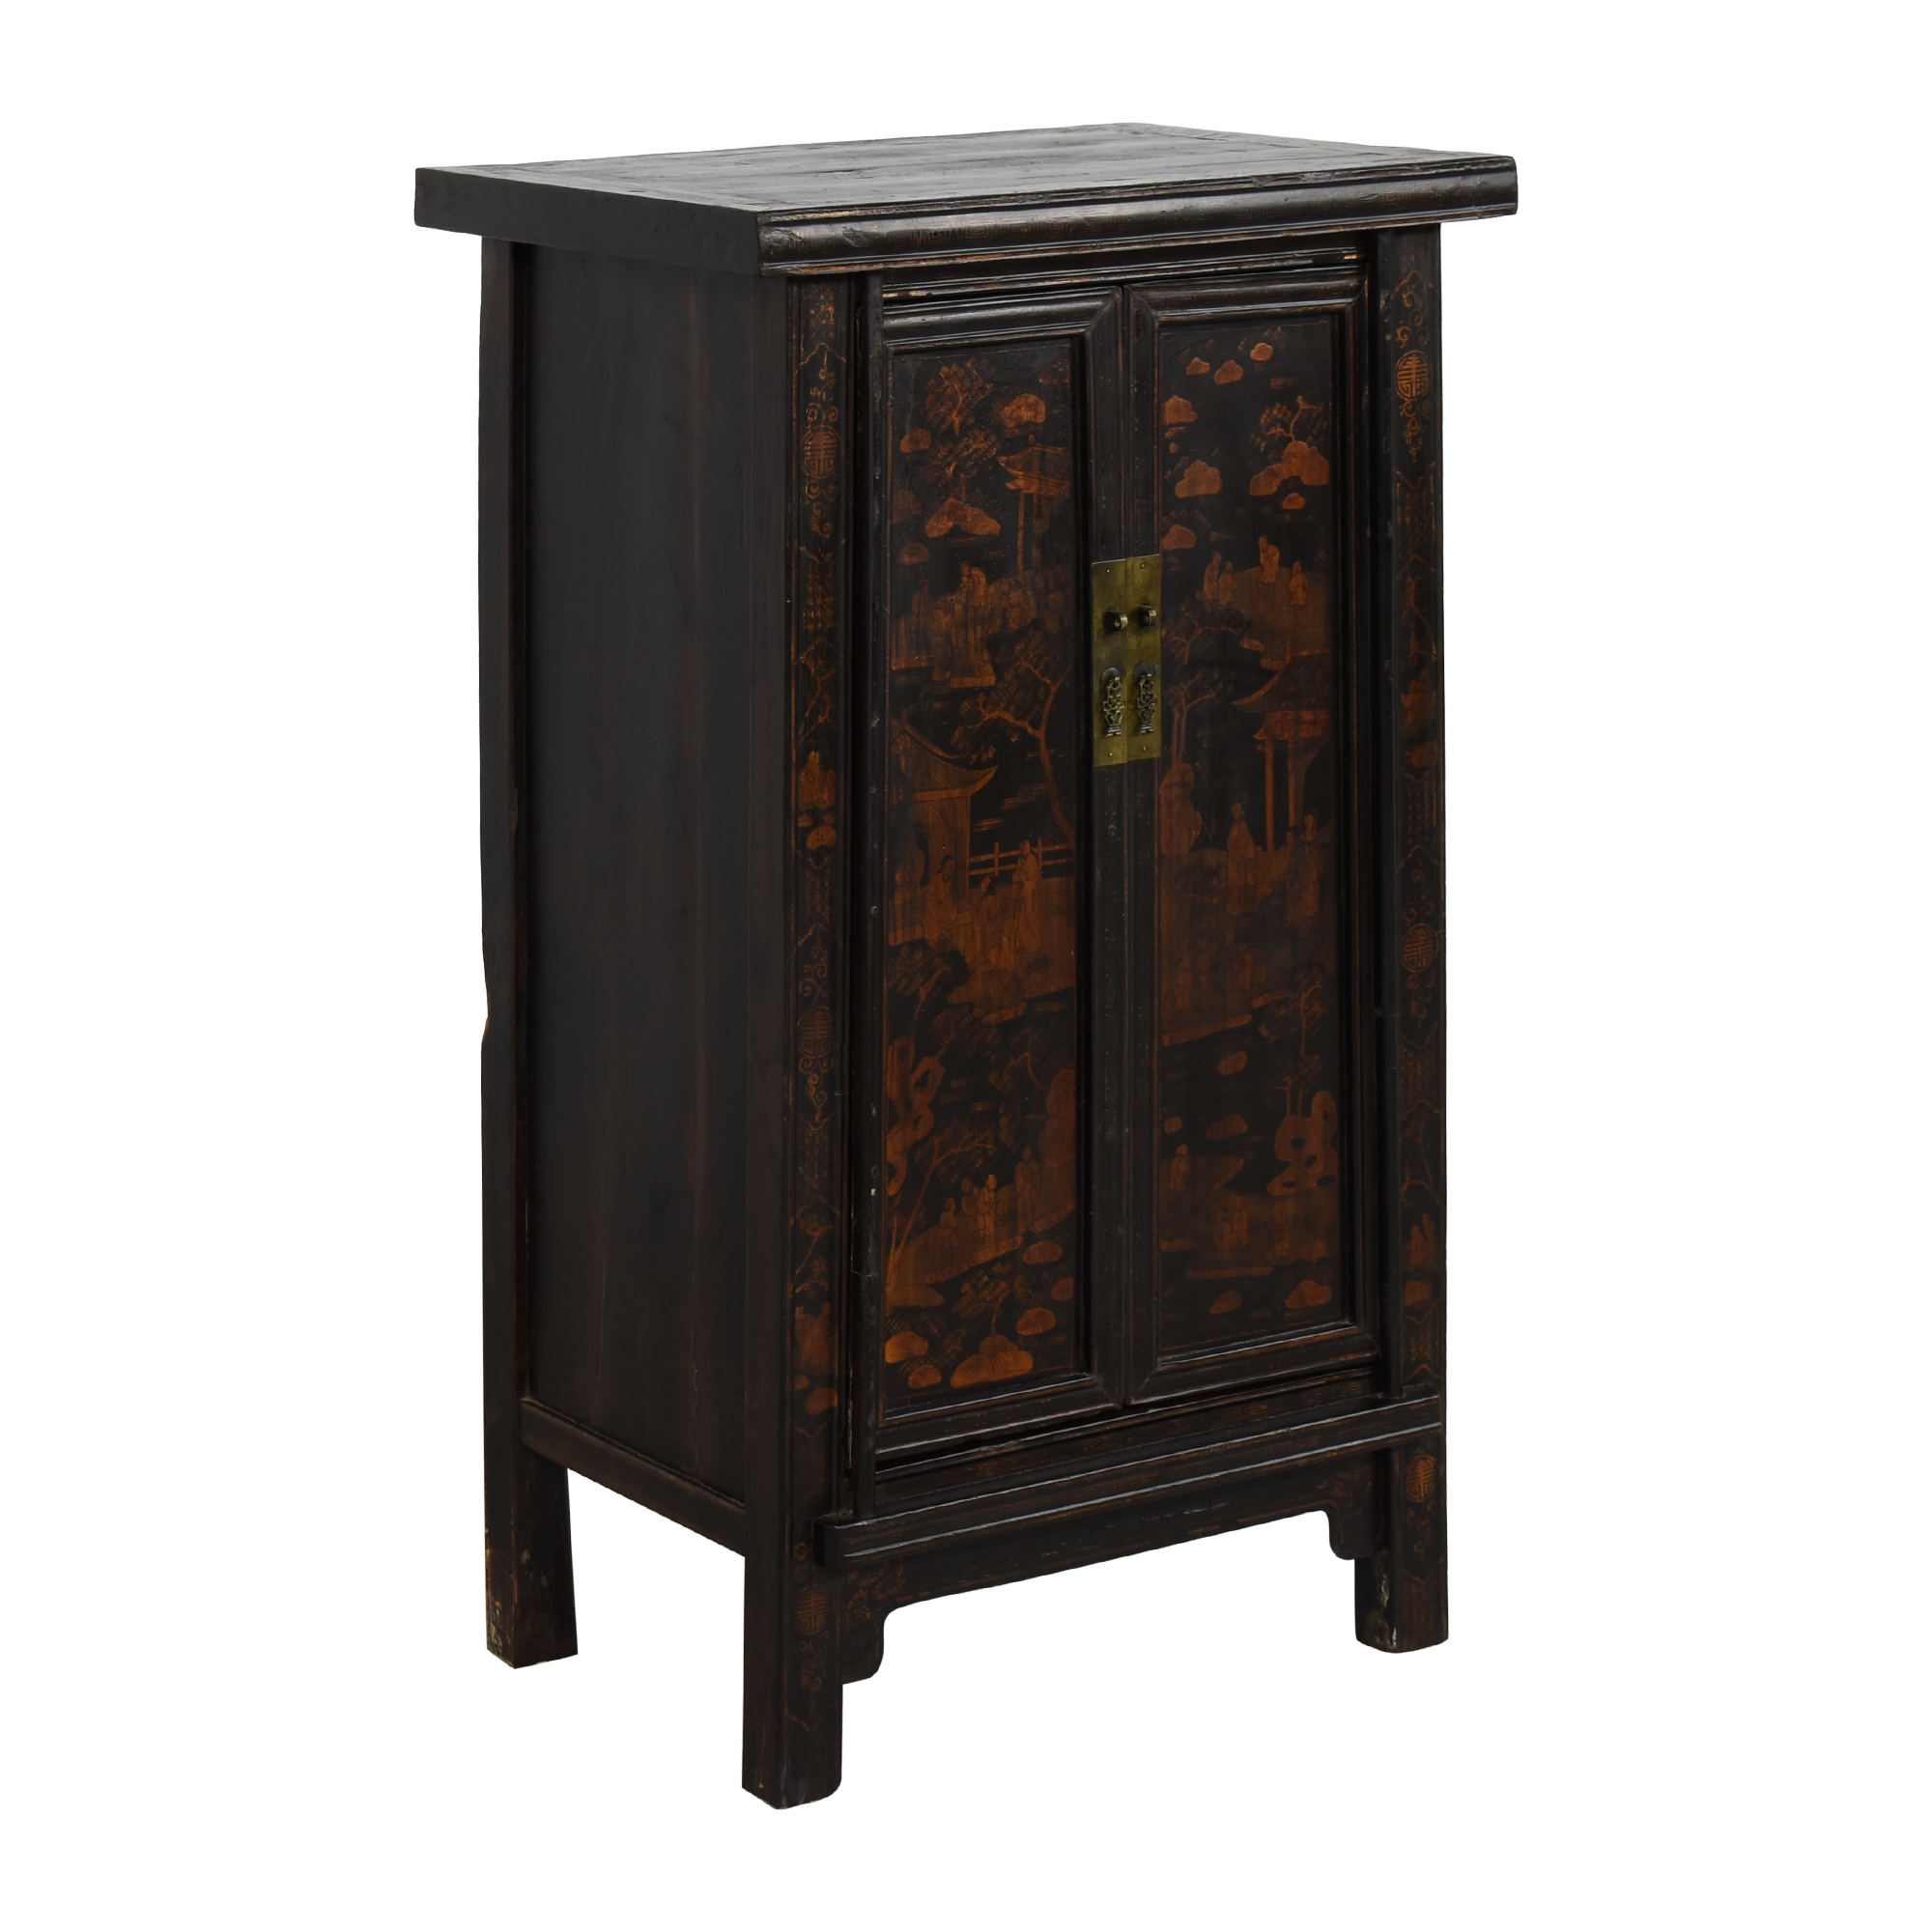 Vintage Black Asian Cabinet / Storage